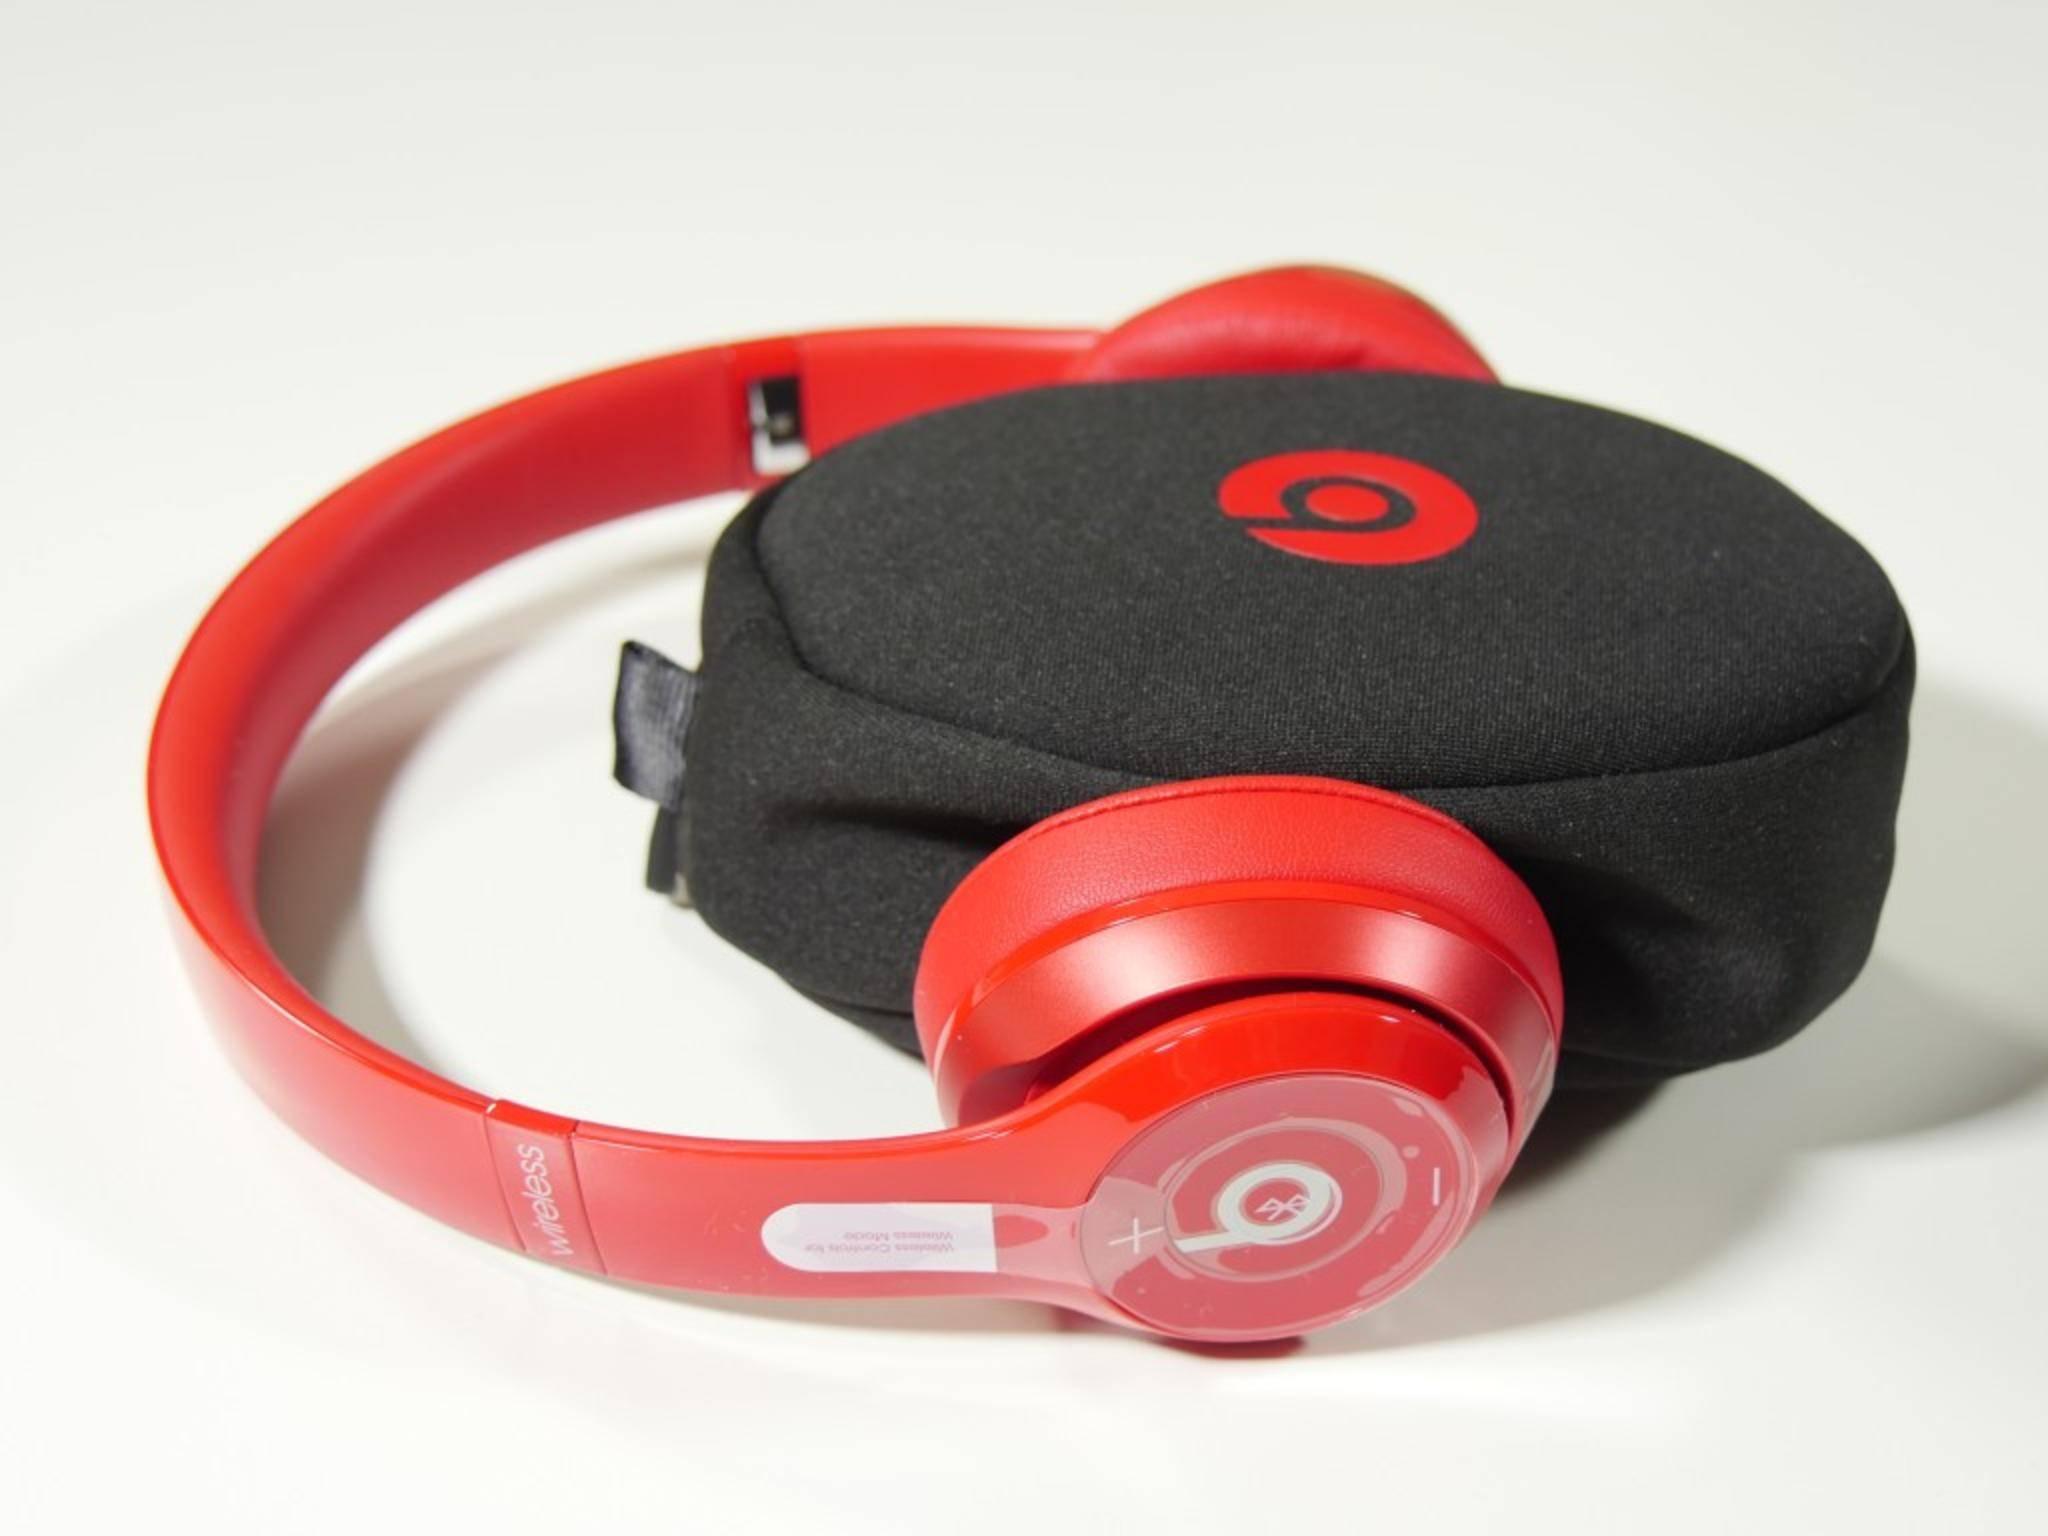 Die Kopfhörer von Beats gehören mit zu den beliebtesten Bügelkopfhörern.